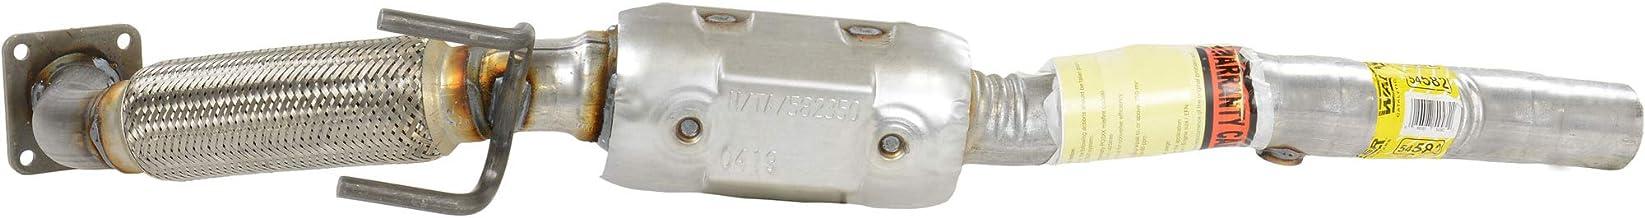 Walker Exhaust Ultra EPA Catalytic Converter 54586 Catalytic Converter